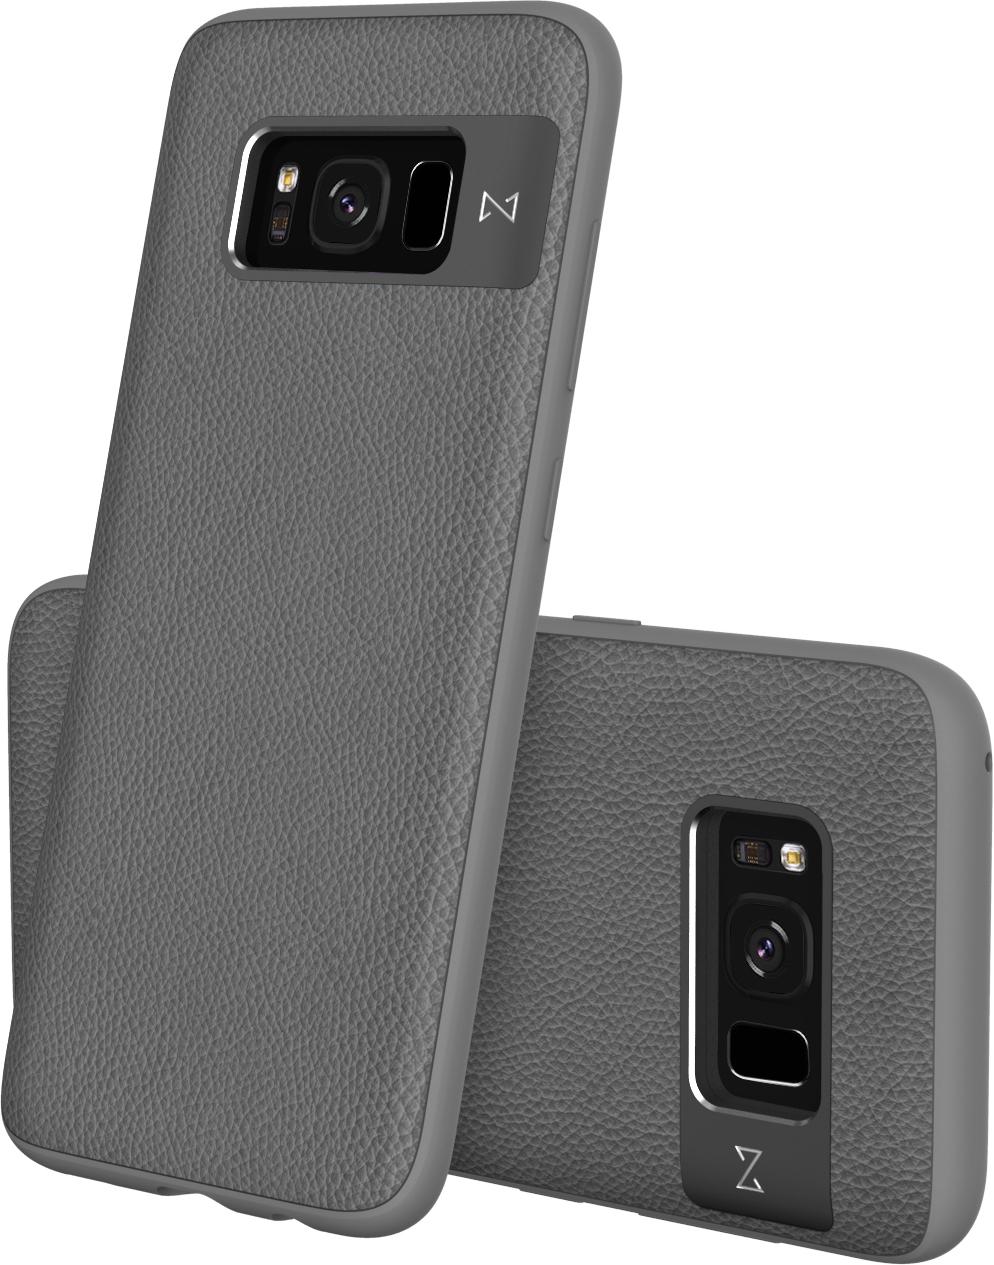 Matchnine Tailor чехол для Samsung Galaxy S8 Plus, Middle GrayENV055Чехол Matchnine Tailor - стильный аксессуар, обеспечивающий надежную защиту Samsung Galaxy S8 Plus от ударов и других воздействий. Его задняя панель изготовлена из жесткого поликарбоната, стилизованного под кожу, а бампер - из эластичного полиуретана. Кроме того, он украшен металлической накладкой, обрамляющей камеру.Мягкая рамка позволяет быстро надевать клип-кейс. Она слегка выступает над экраном, защищая его от контактов с твердыми поверхностями.Несмотря на отличные защитные свойства, чехол практически не увеличивает размеры устройства. С ним мобильный девайс можно носить в кармане или в специальном отделении сумки. Вырезы в клип-кейсе предоставляют доступ к важнейшим деталям смартфона, включая камеры, кнопки и разъемы.